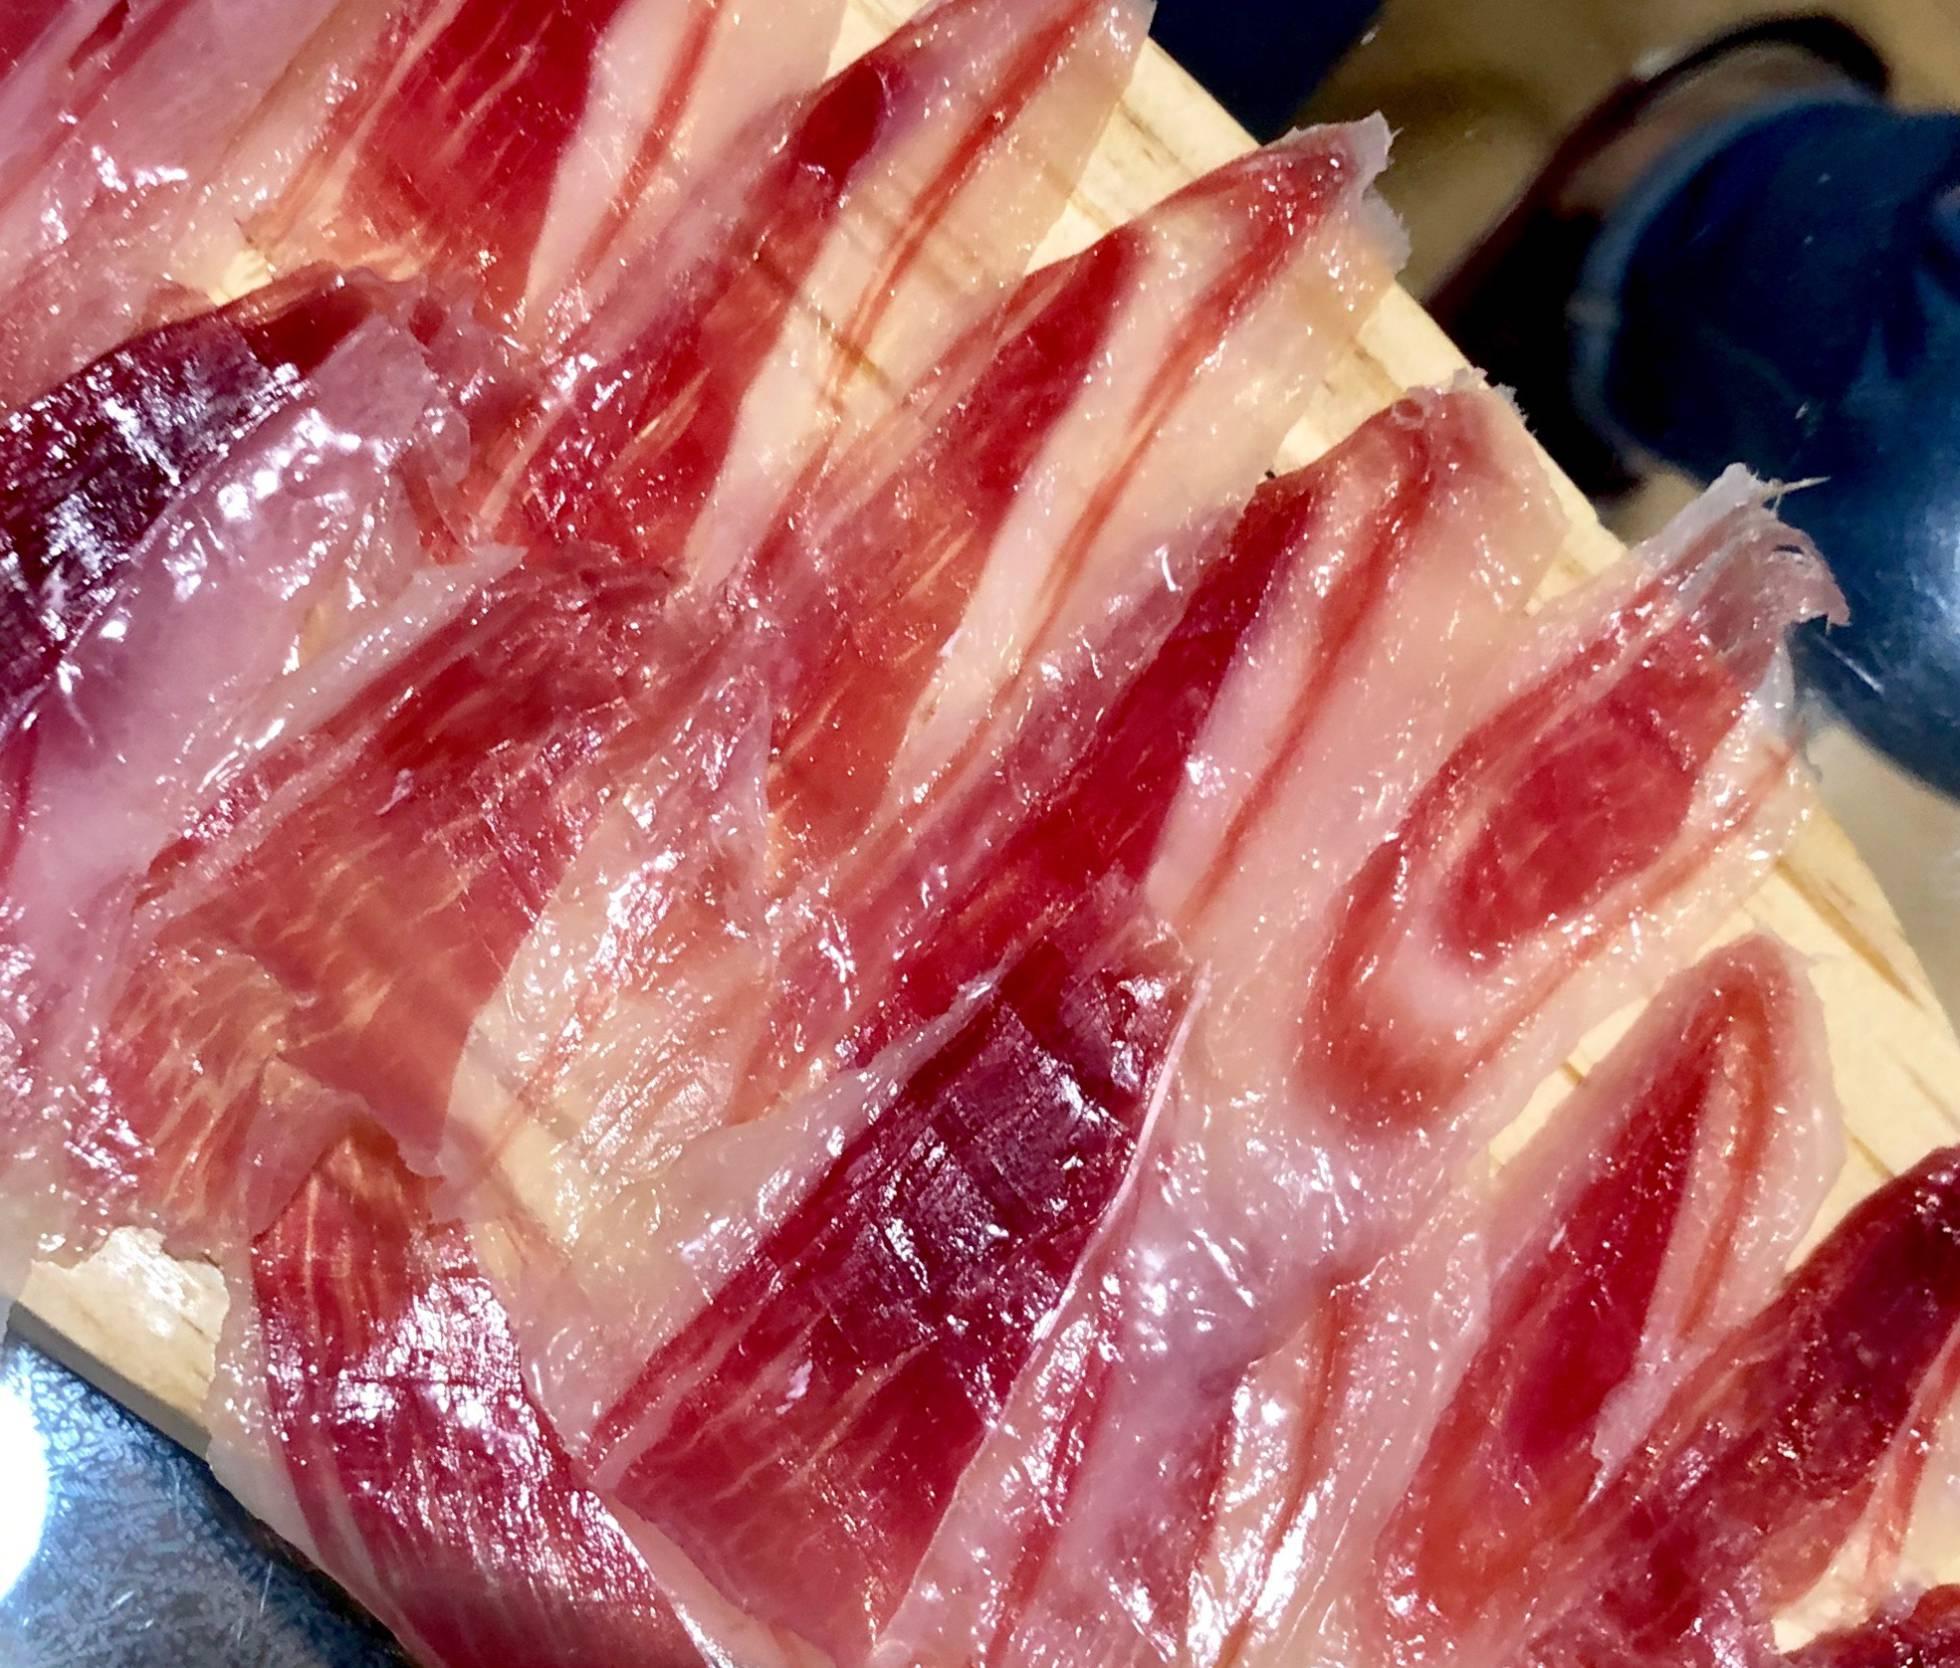 Фермеры из Андалусии кормят свиней каштанами, чтобы производить особый вид иберийского хамона